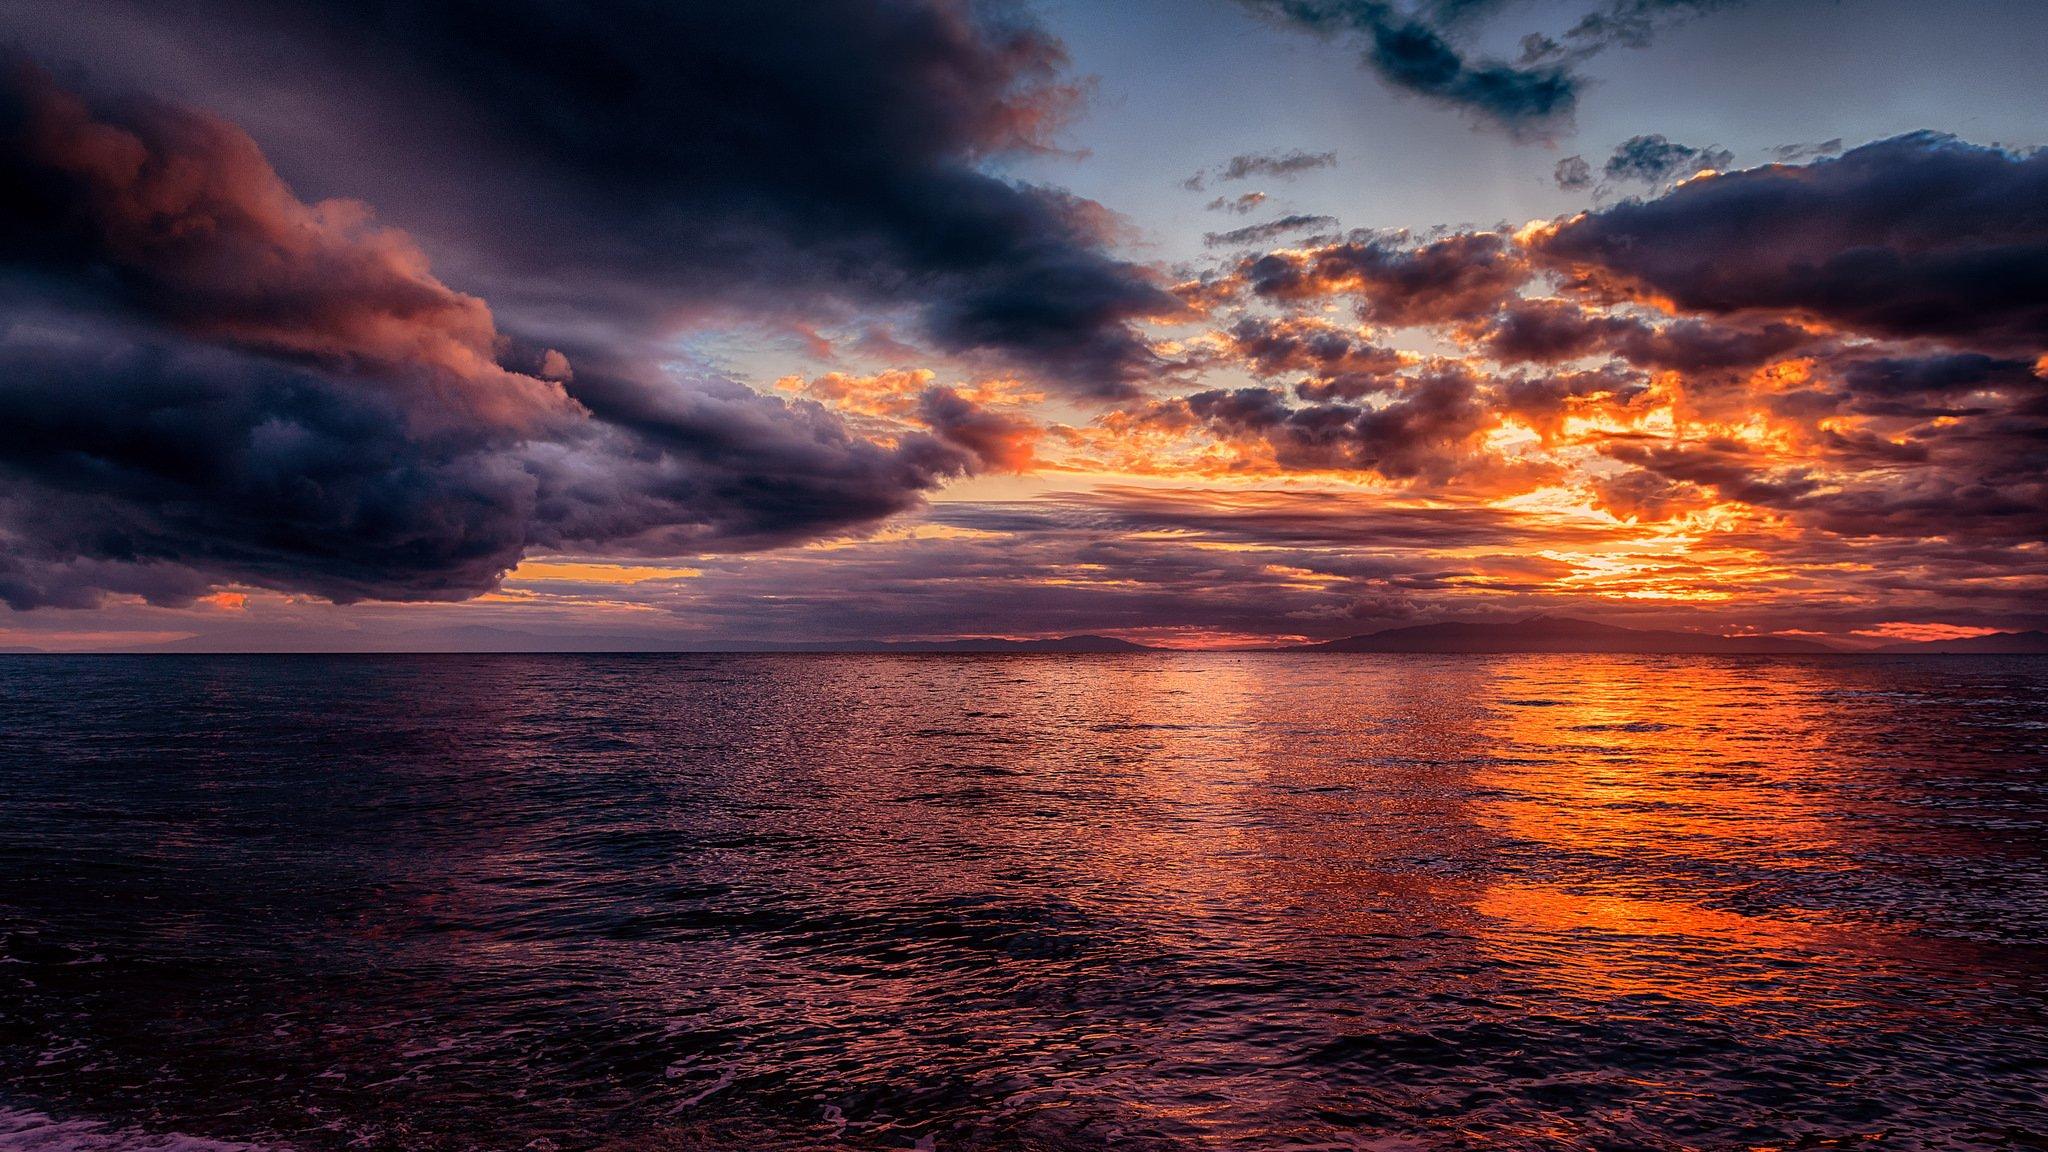 Не спокойное море в лучах заката  № 3849252  скачать